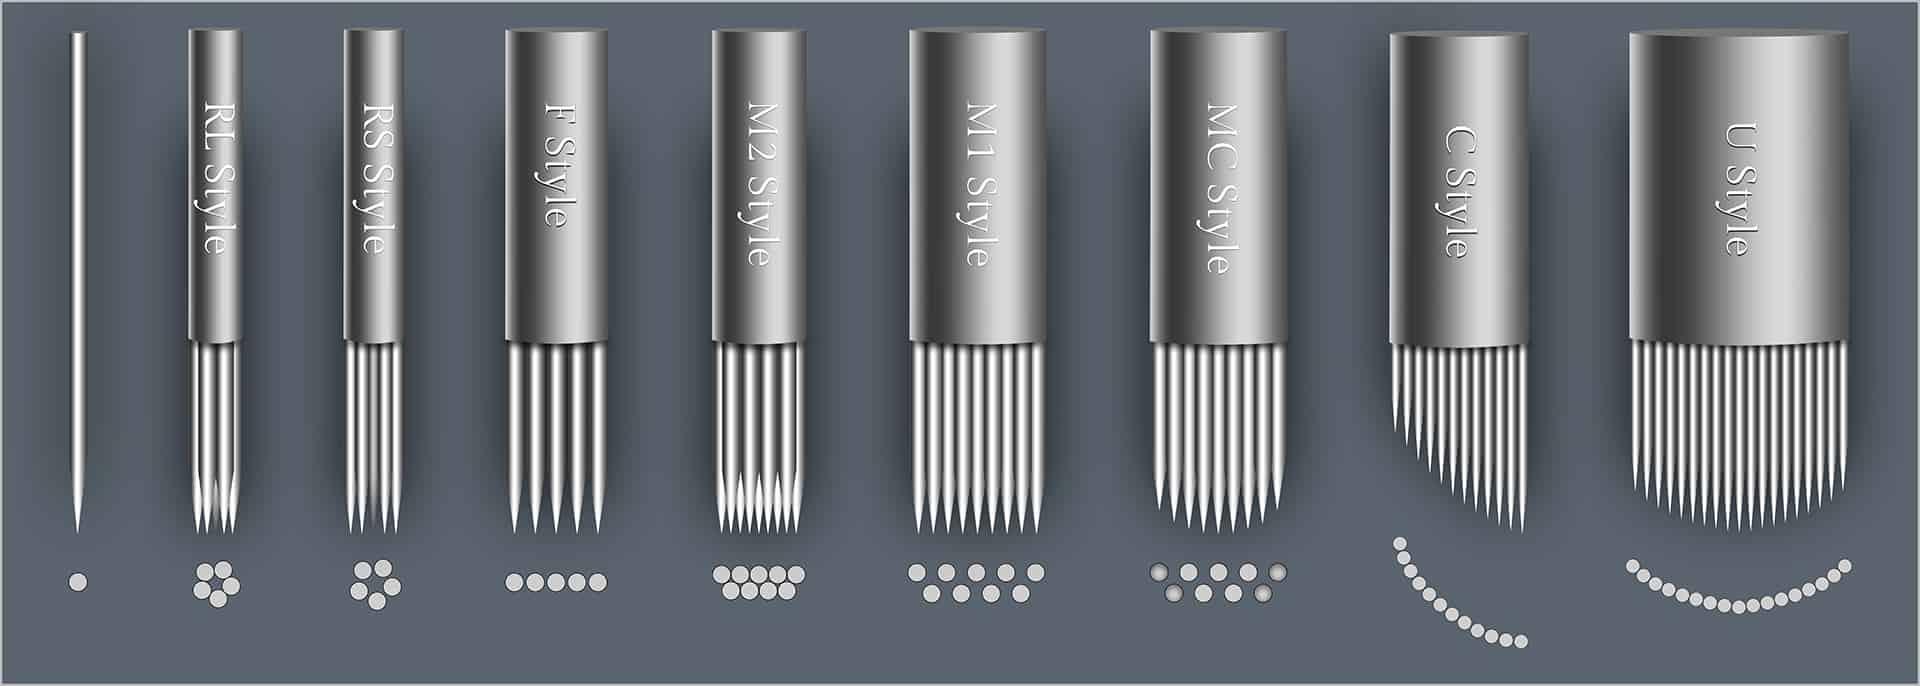 3D-1920 needles